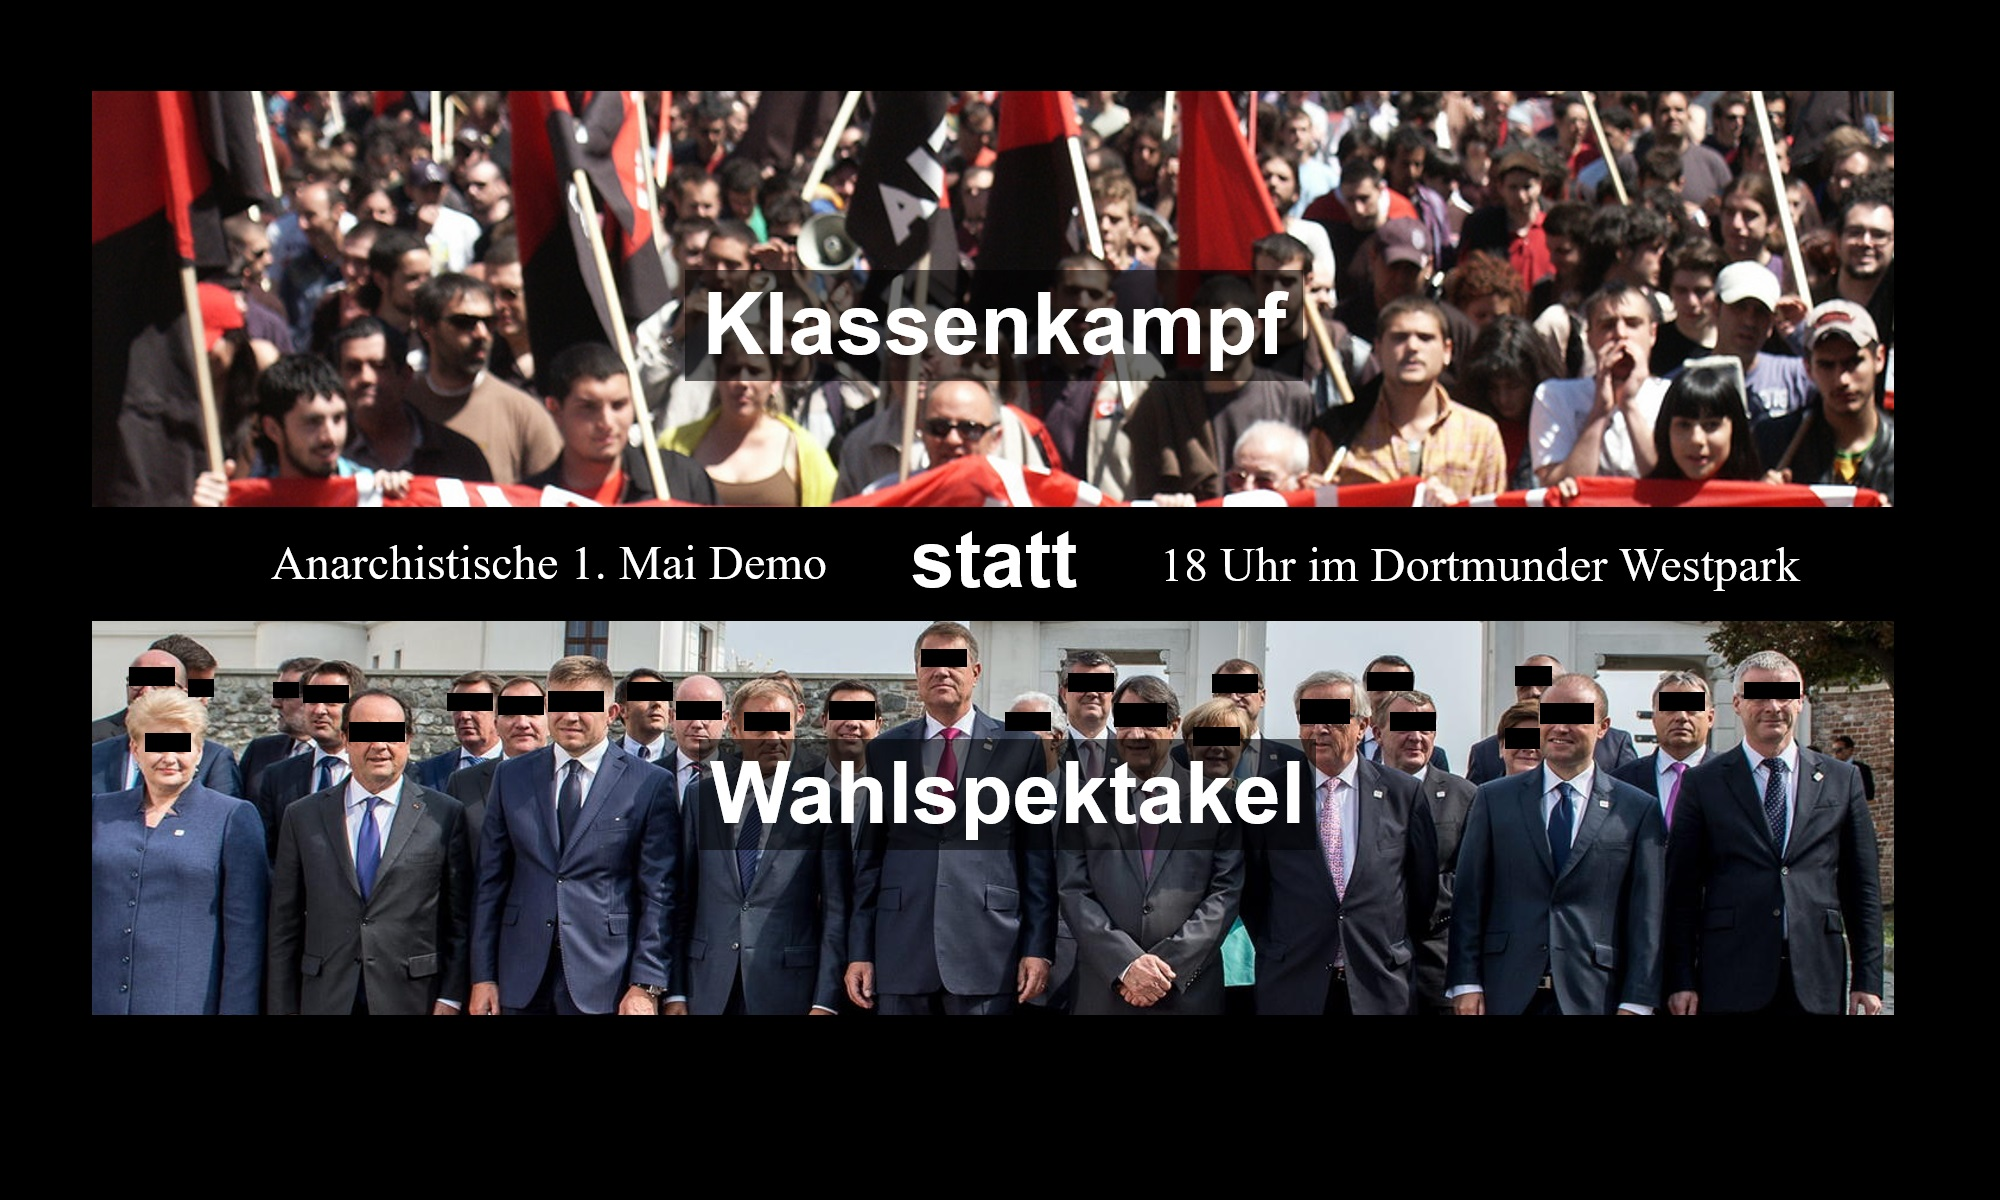 [Flyer: Klassenkampf statt Wahlspektakel – Anarchistische 1.-Mai-Demo, 18:00Uhr im Dortmunder Westfalenpark]